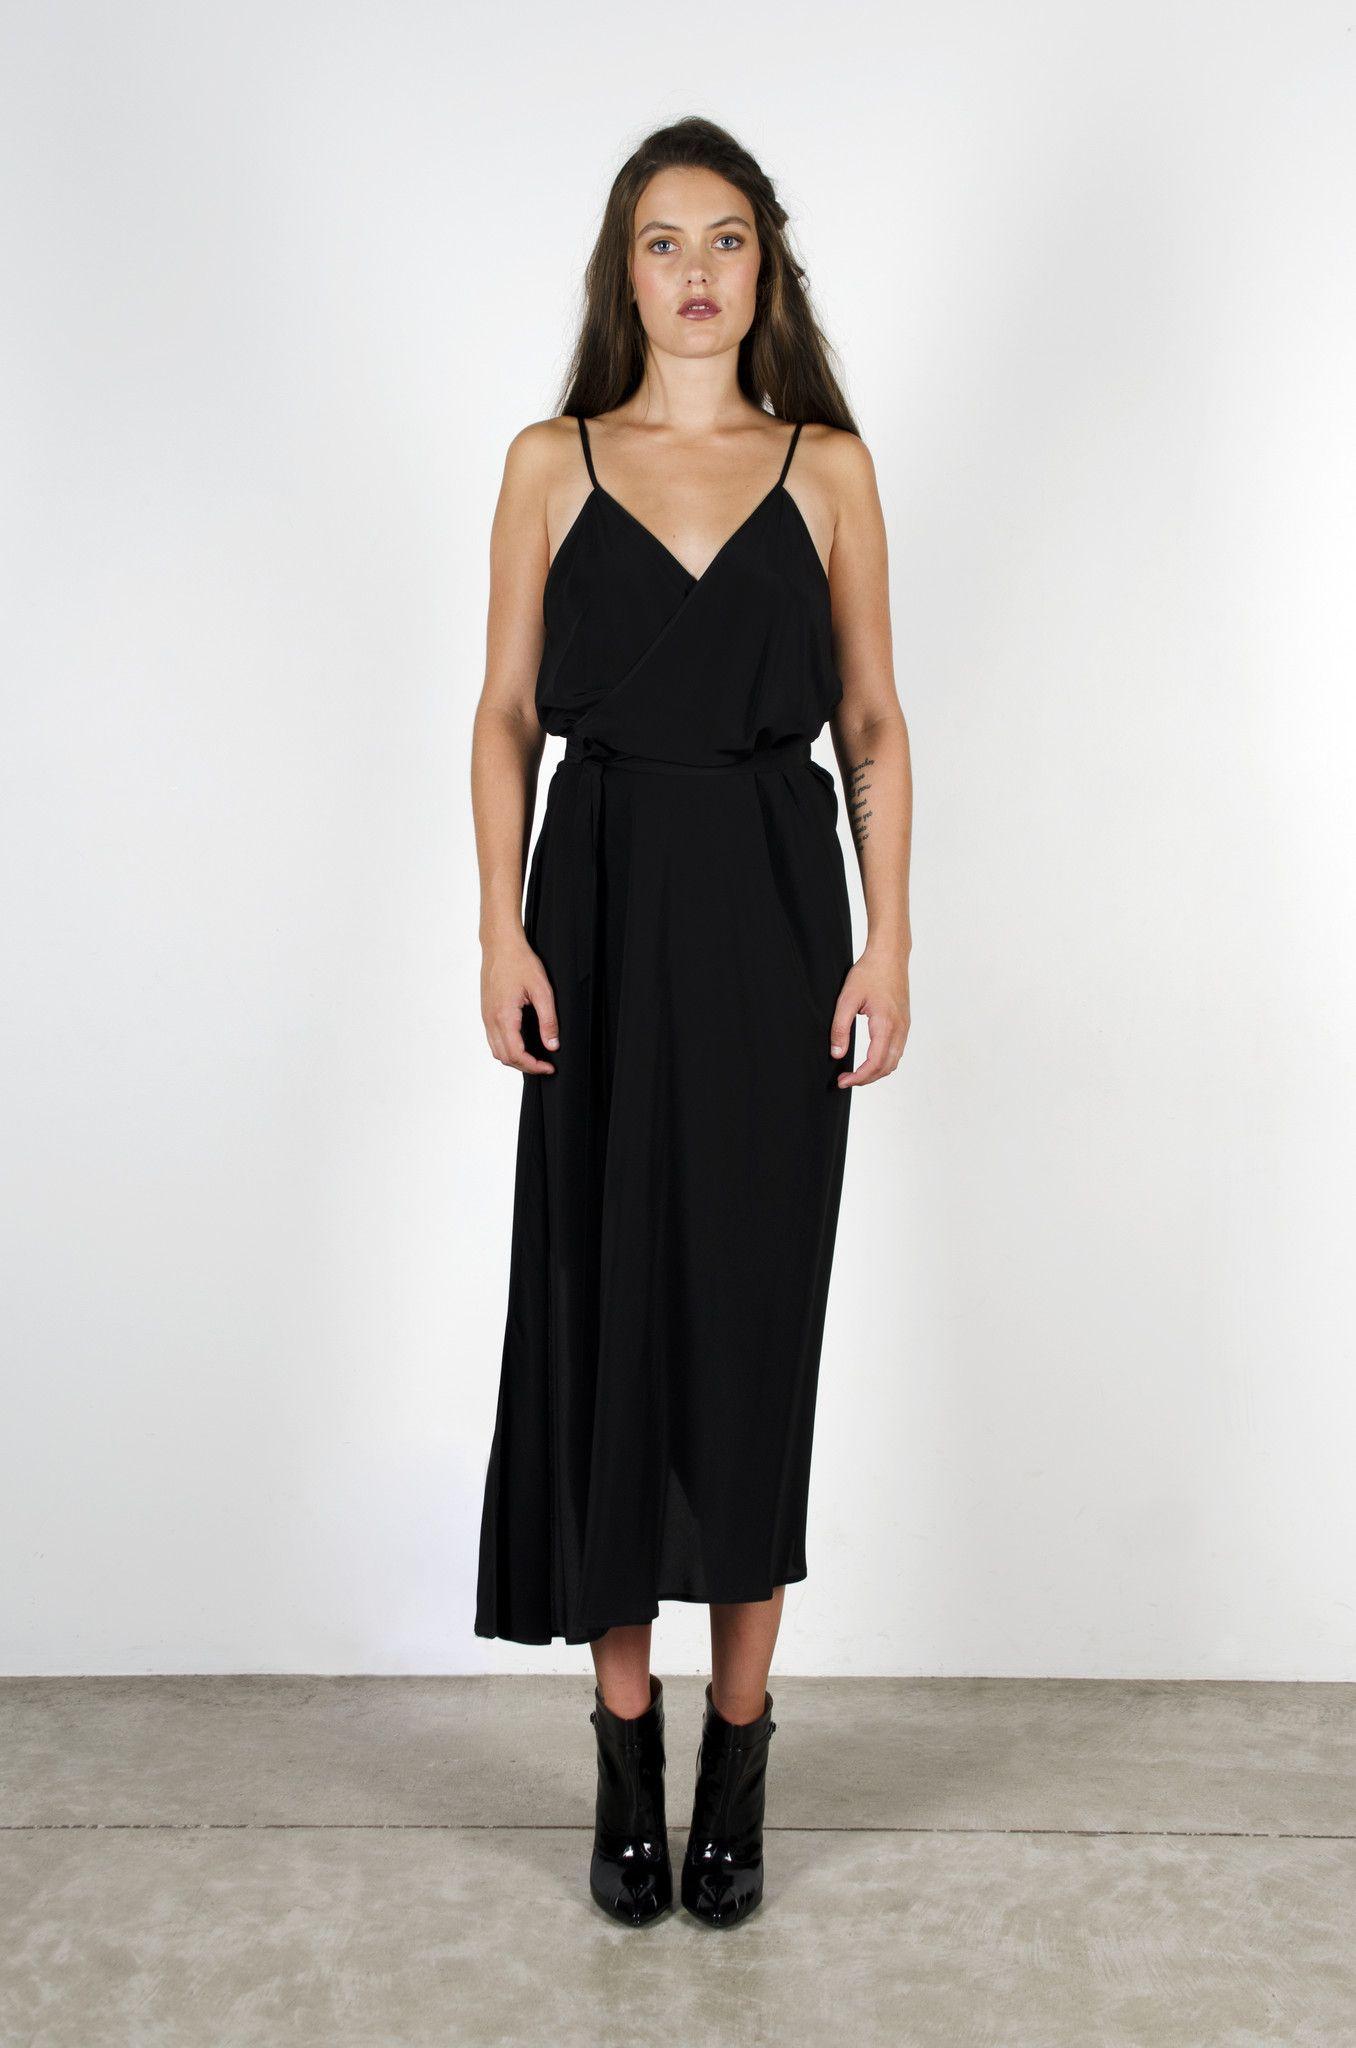 98a983314a58 Summertime Dress Black – Miss Crabb